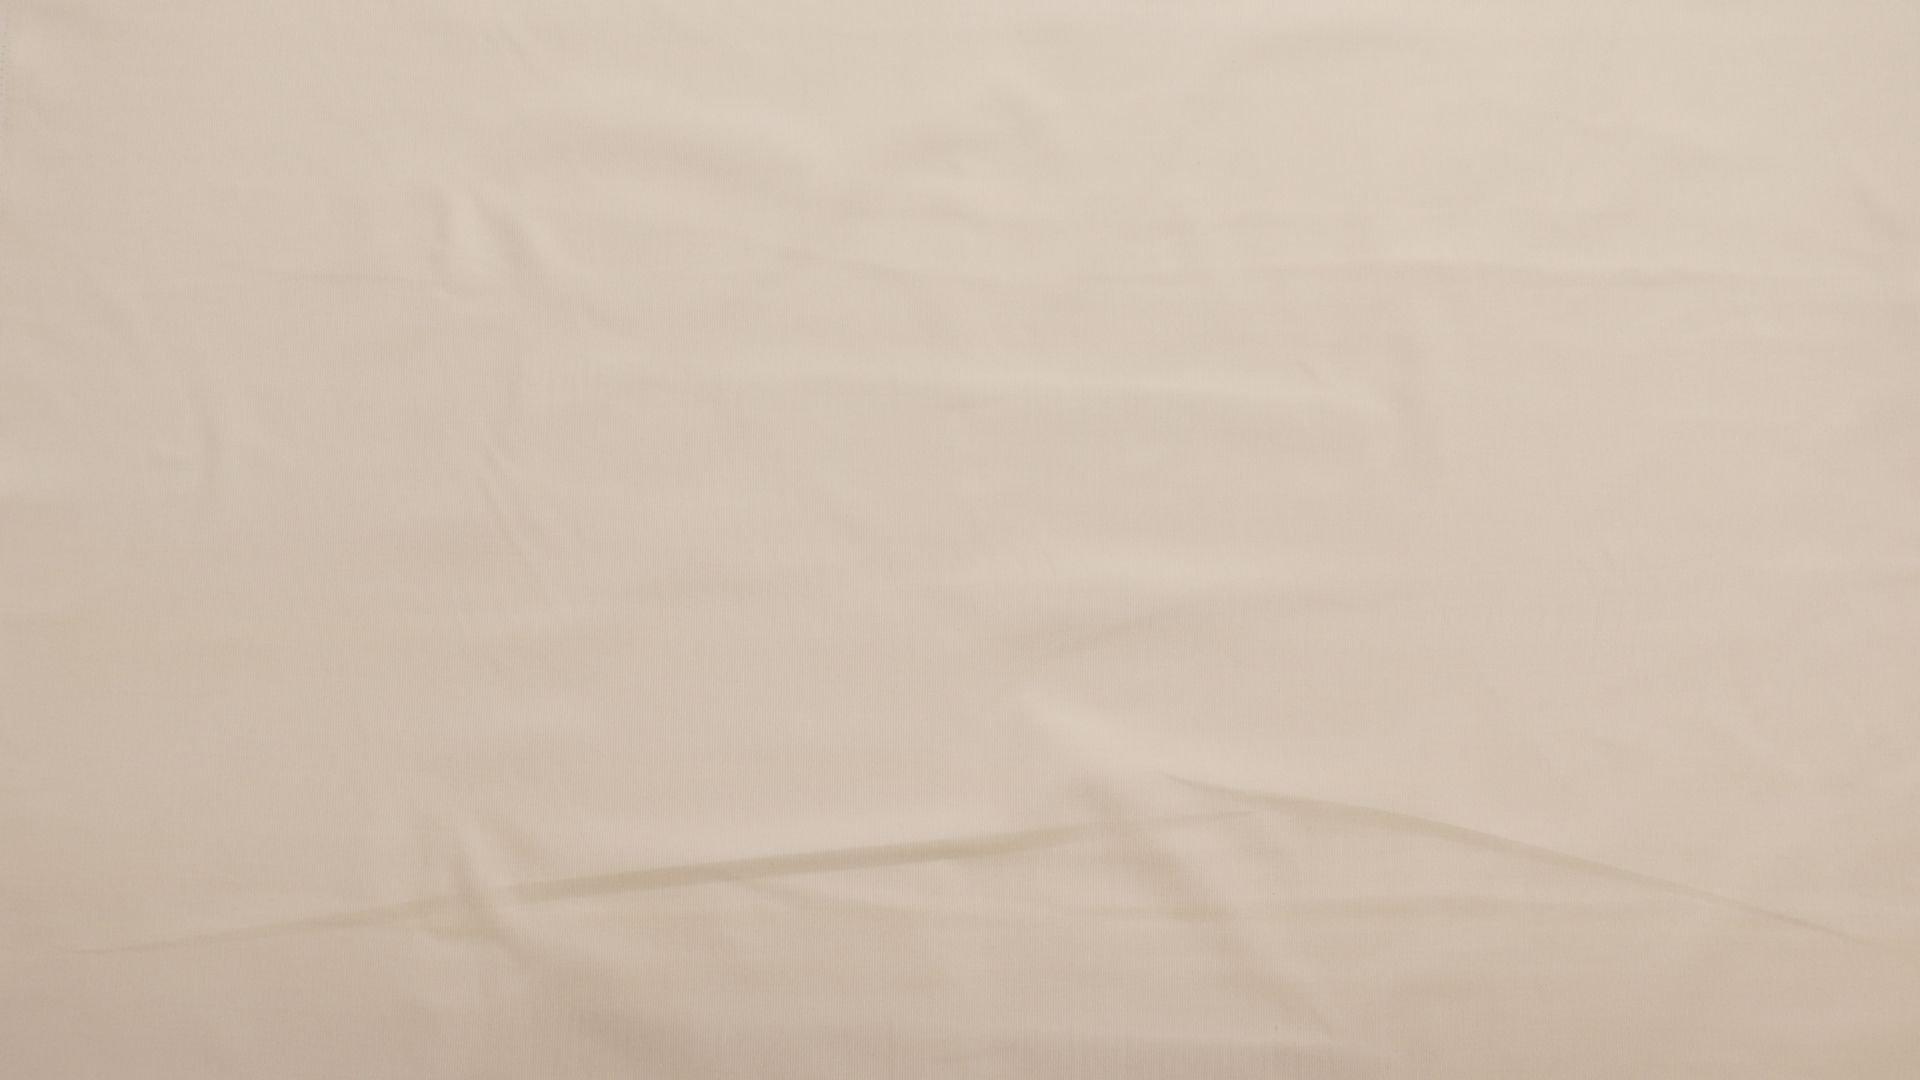 il particolare del tessuto fit1000, appartenente alla categoria uniti velluti, di Leadford & Logan